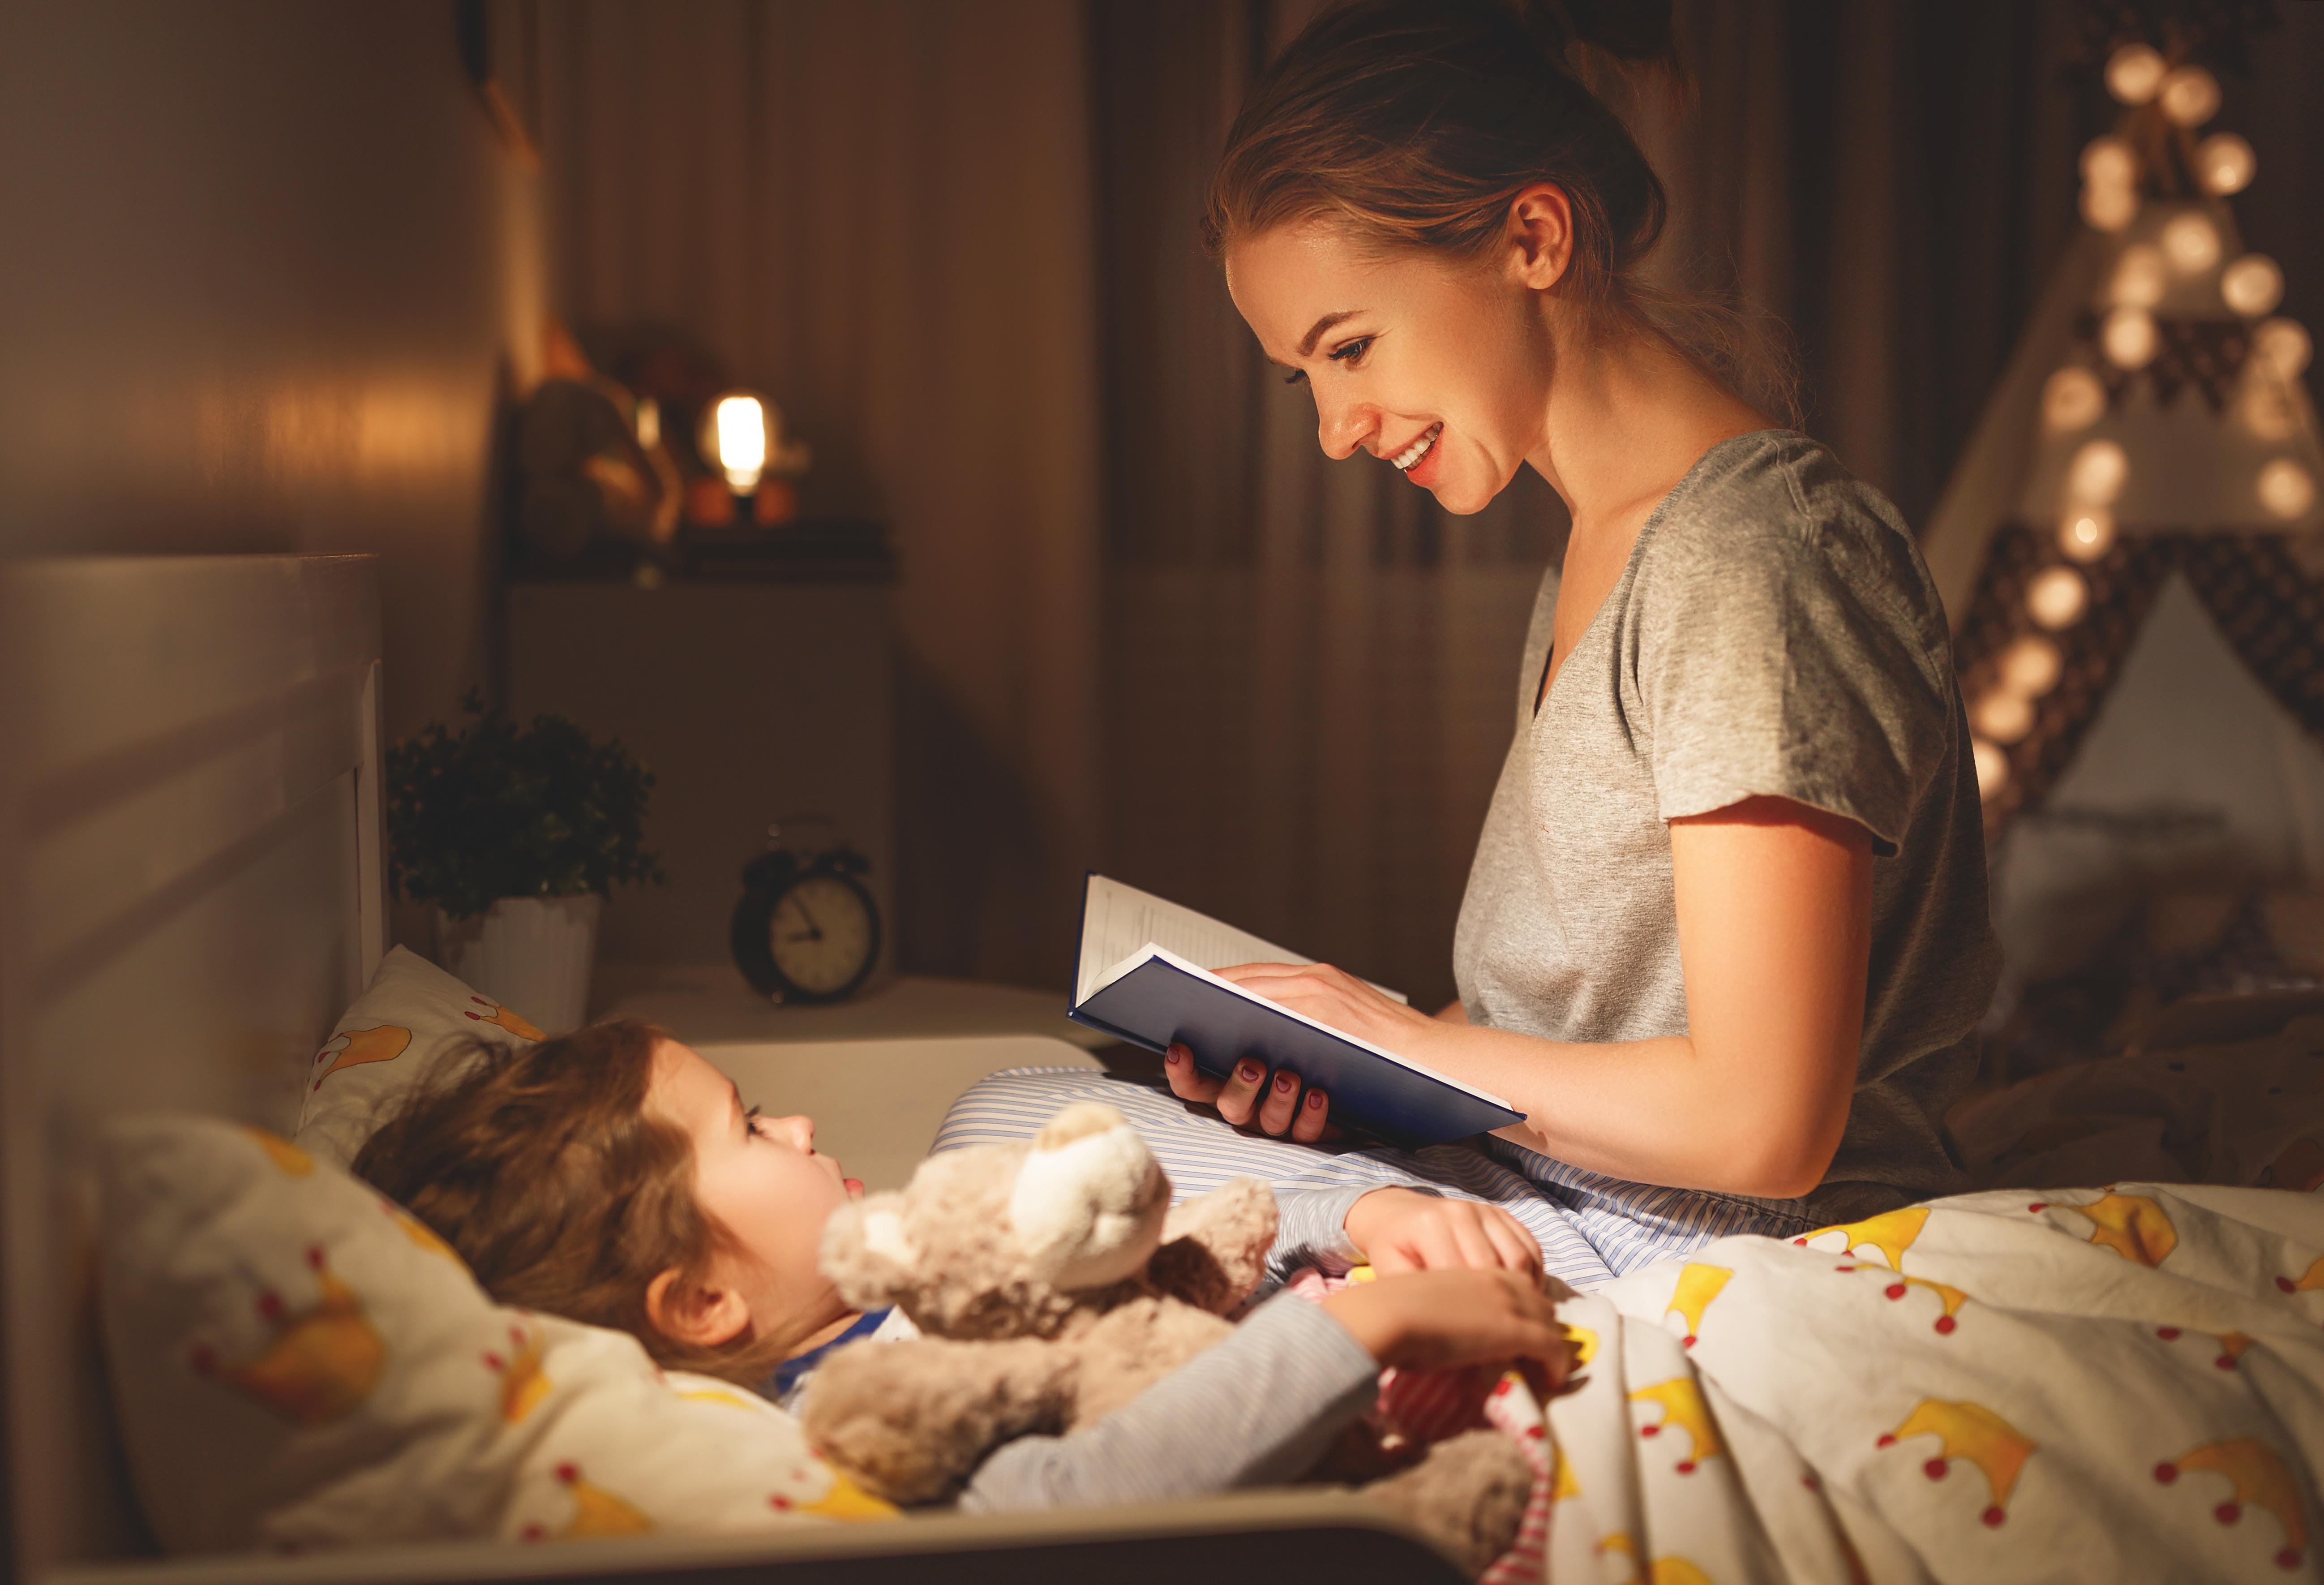 Madre leyendo un cuento para dormir a su hijo